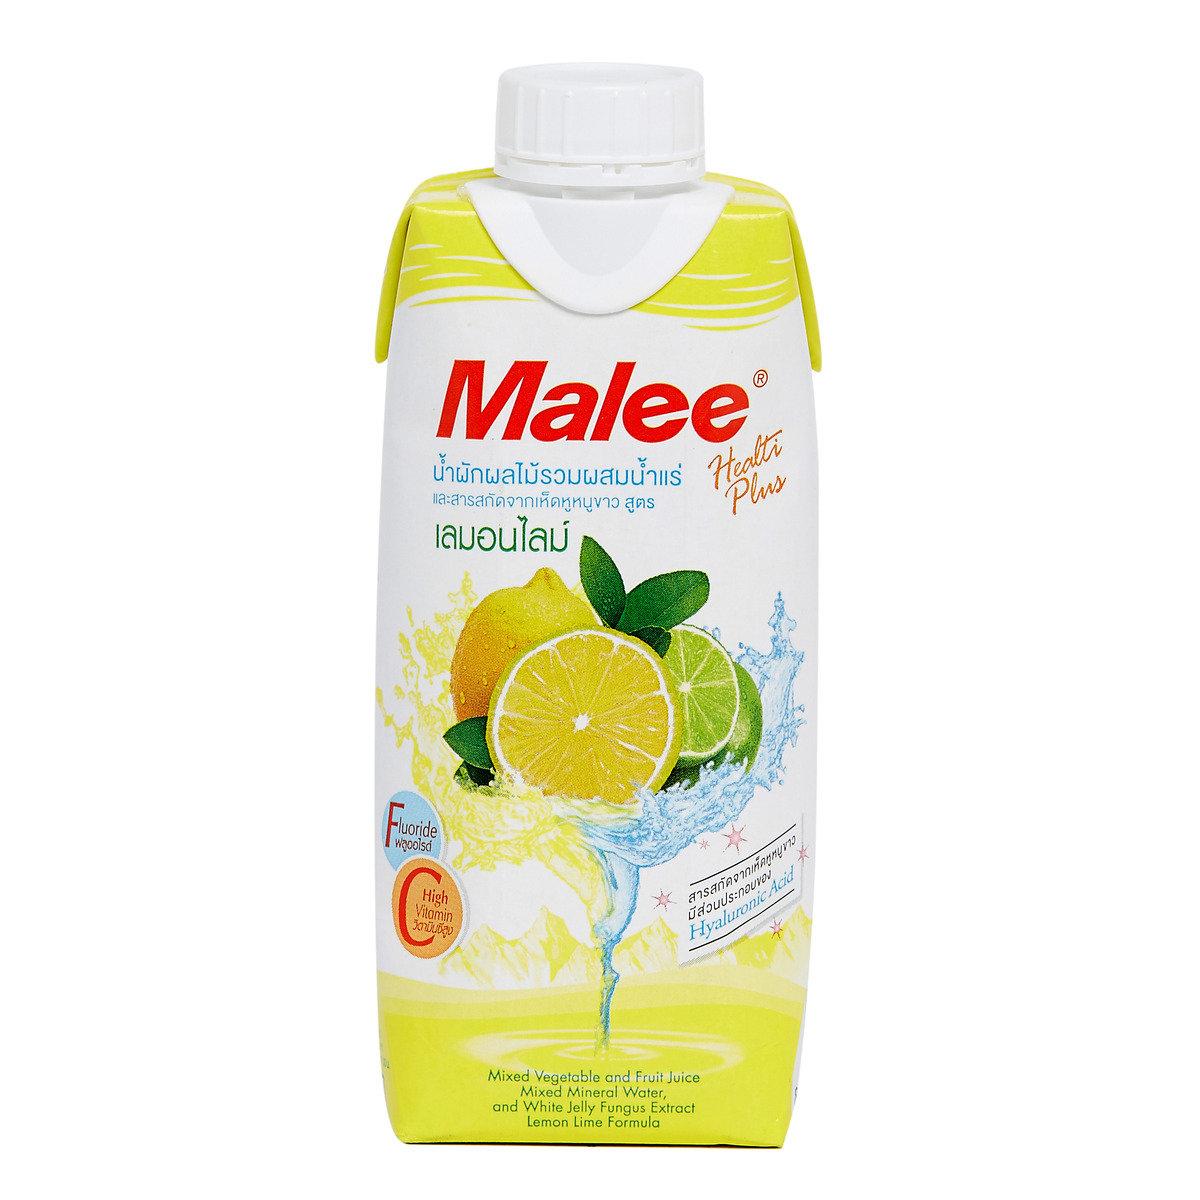 天然輕盈檸檬青檸汁 輕便裝